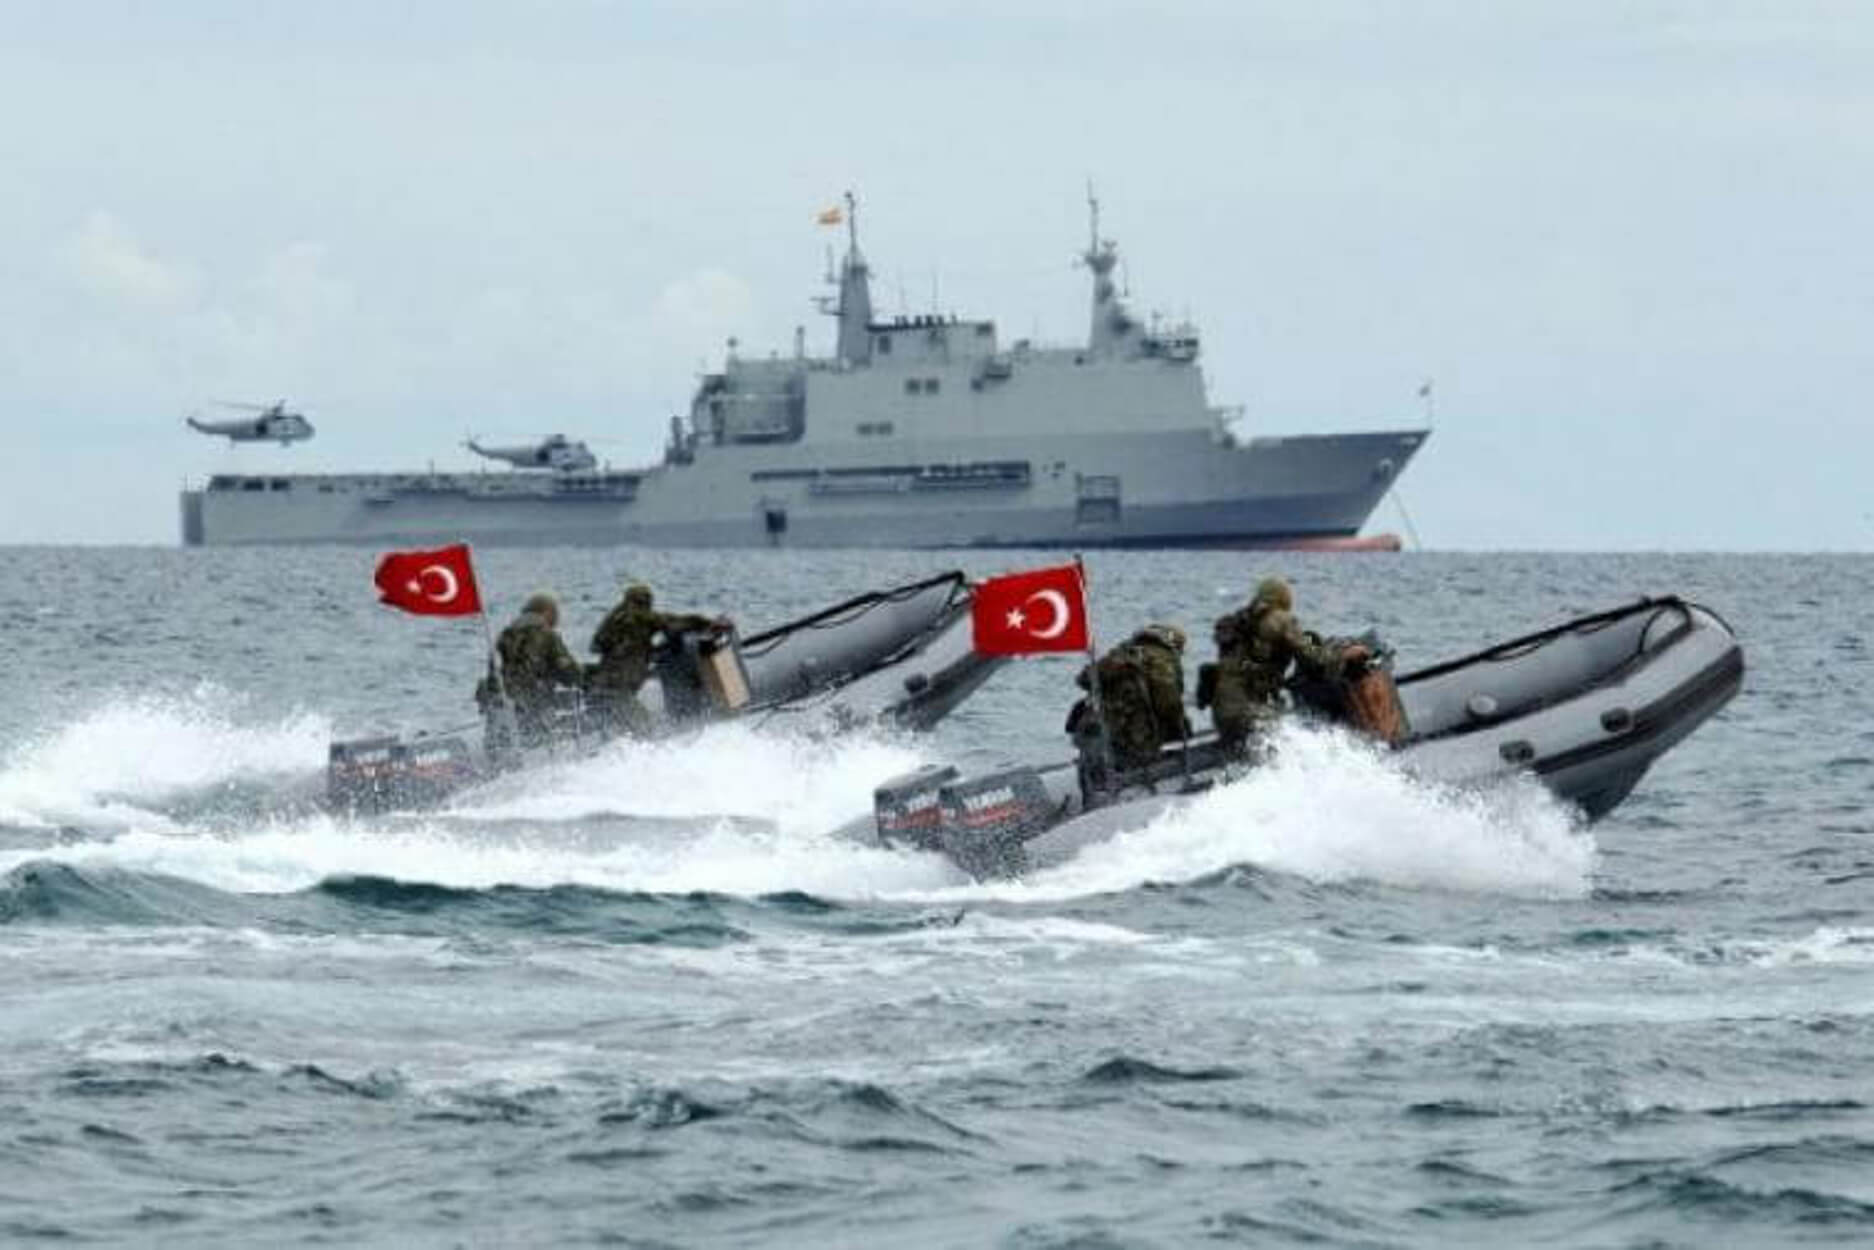 Τρομακτικά Τουρκικά σενάρια για την Κύπρο! Εξετάζουν σχέδιο προσάρτησης των κατεχομένων - Στέλνουν κι άλλο γεωτρύπανο